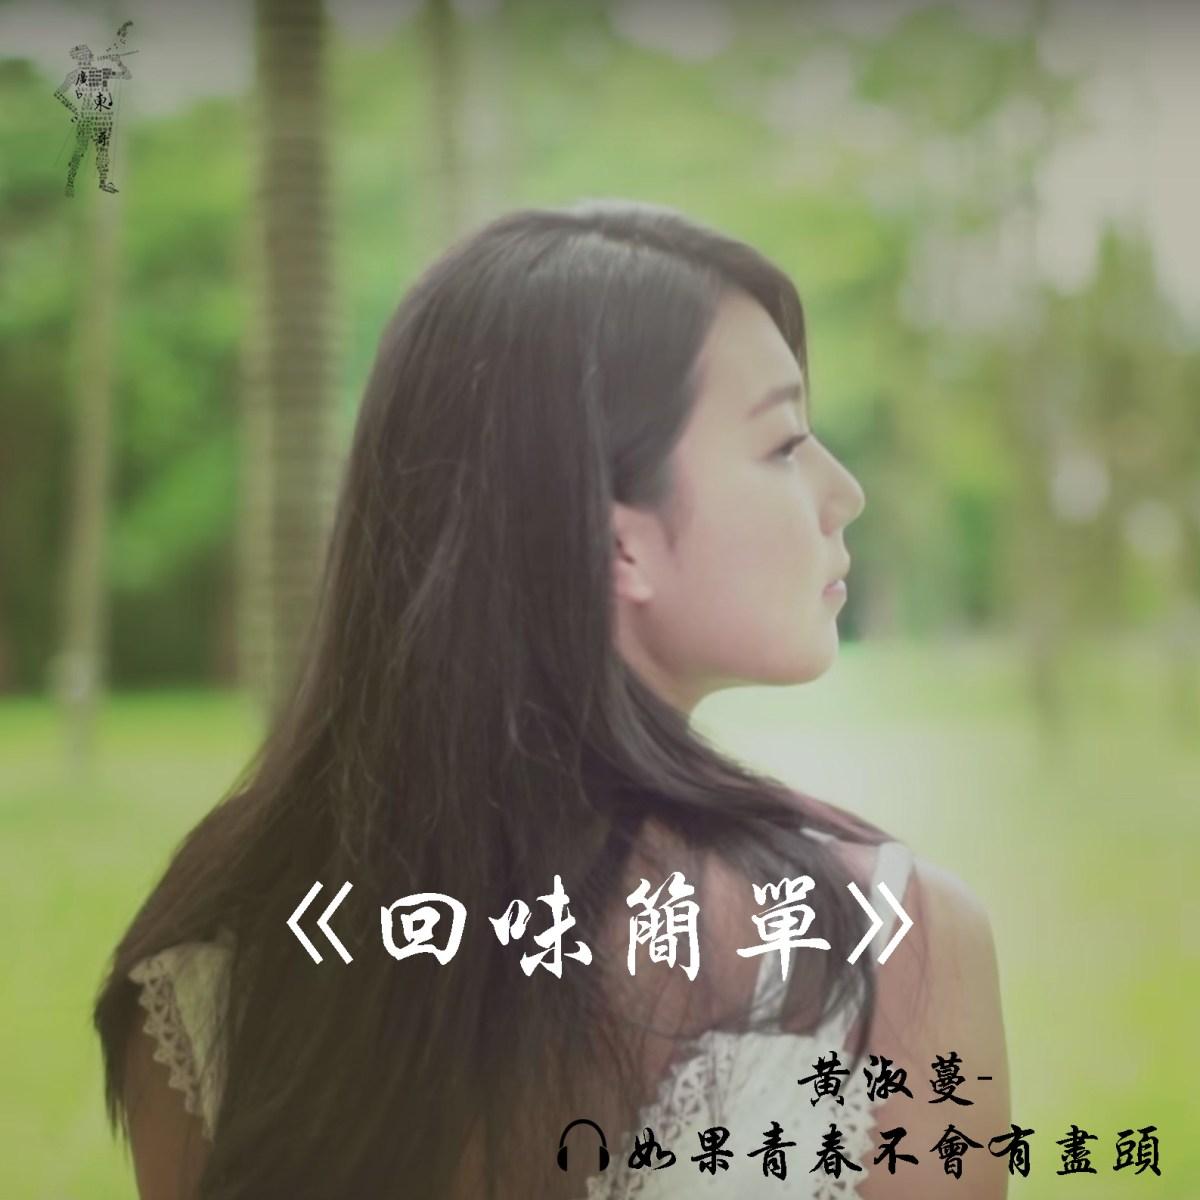 //樂海遺珠// 回味簡單 – 廣東哥